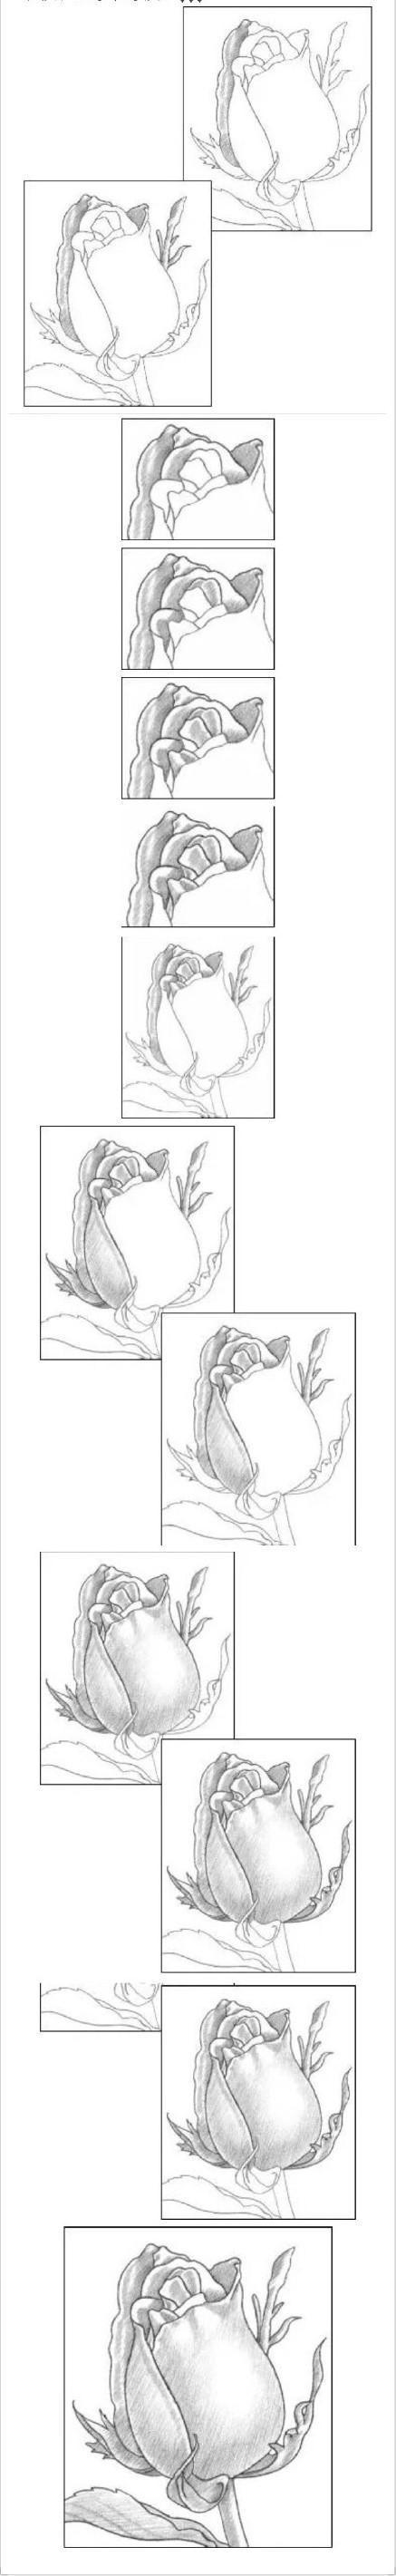 简单教程, 如何快速用铅笔画一朵玫瑰花